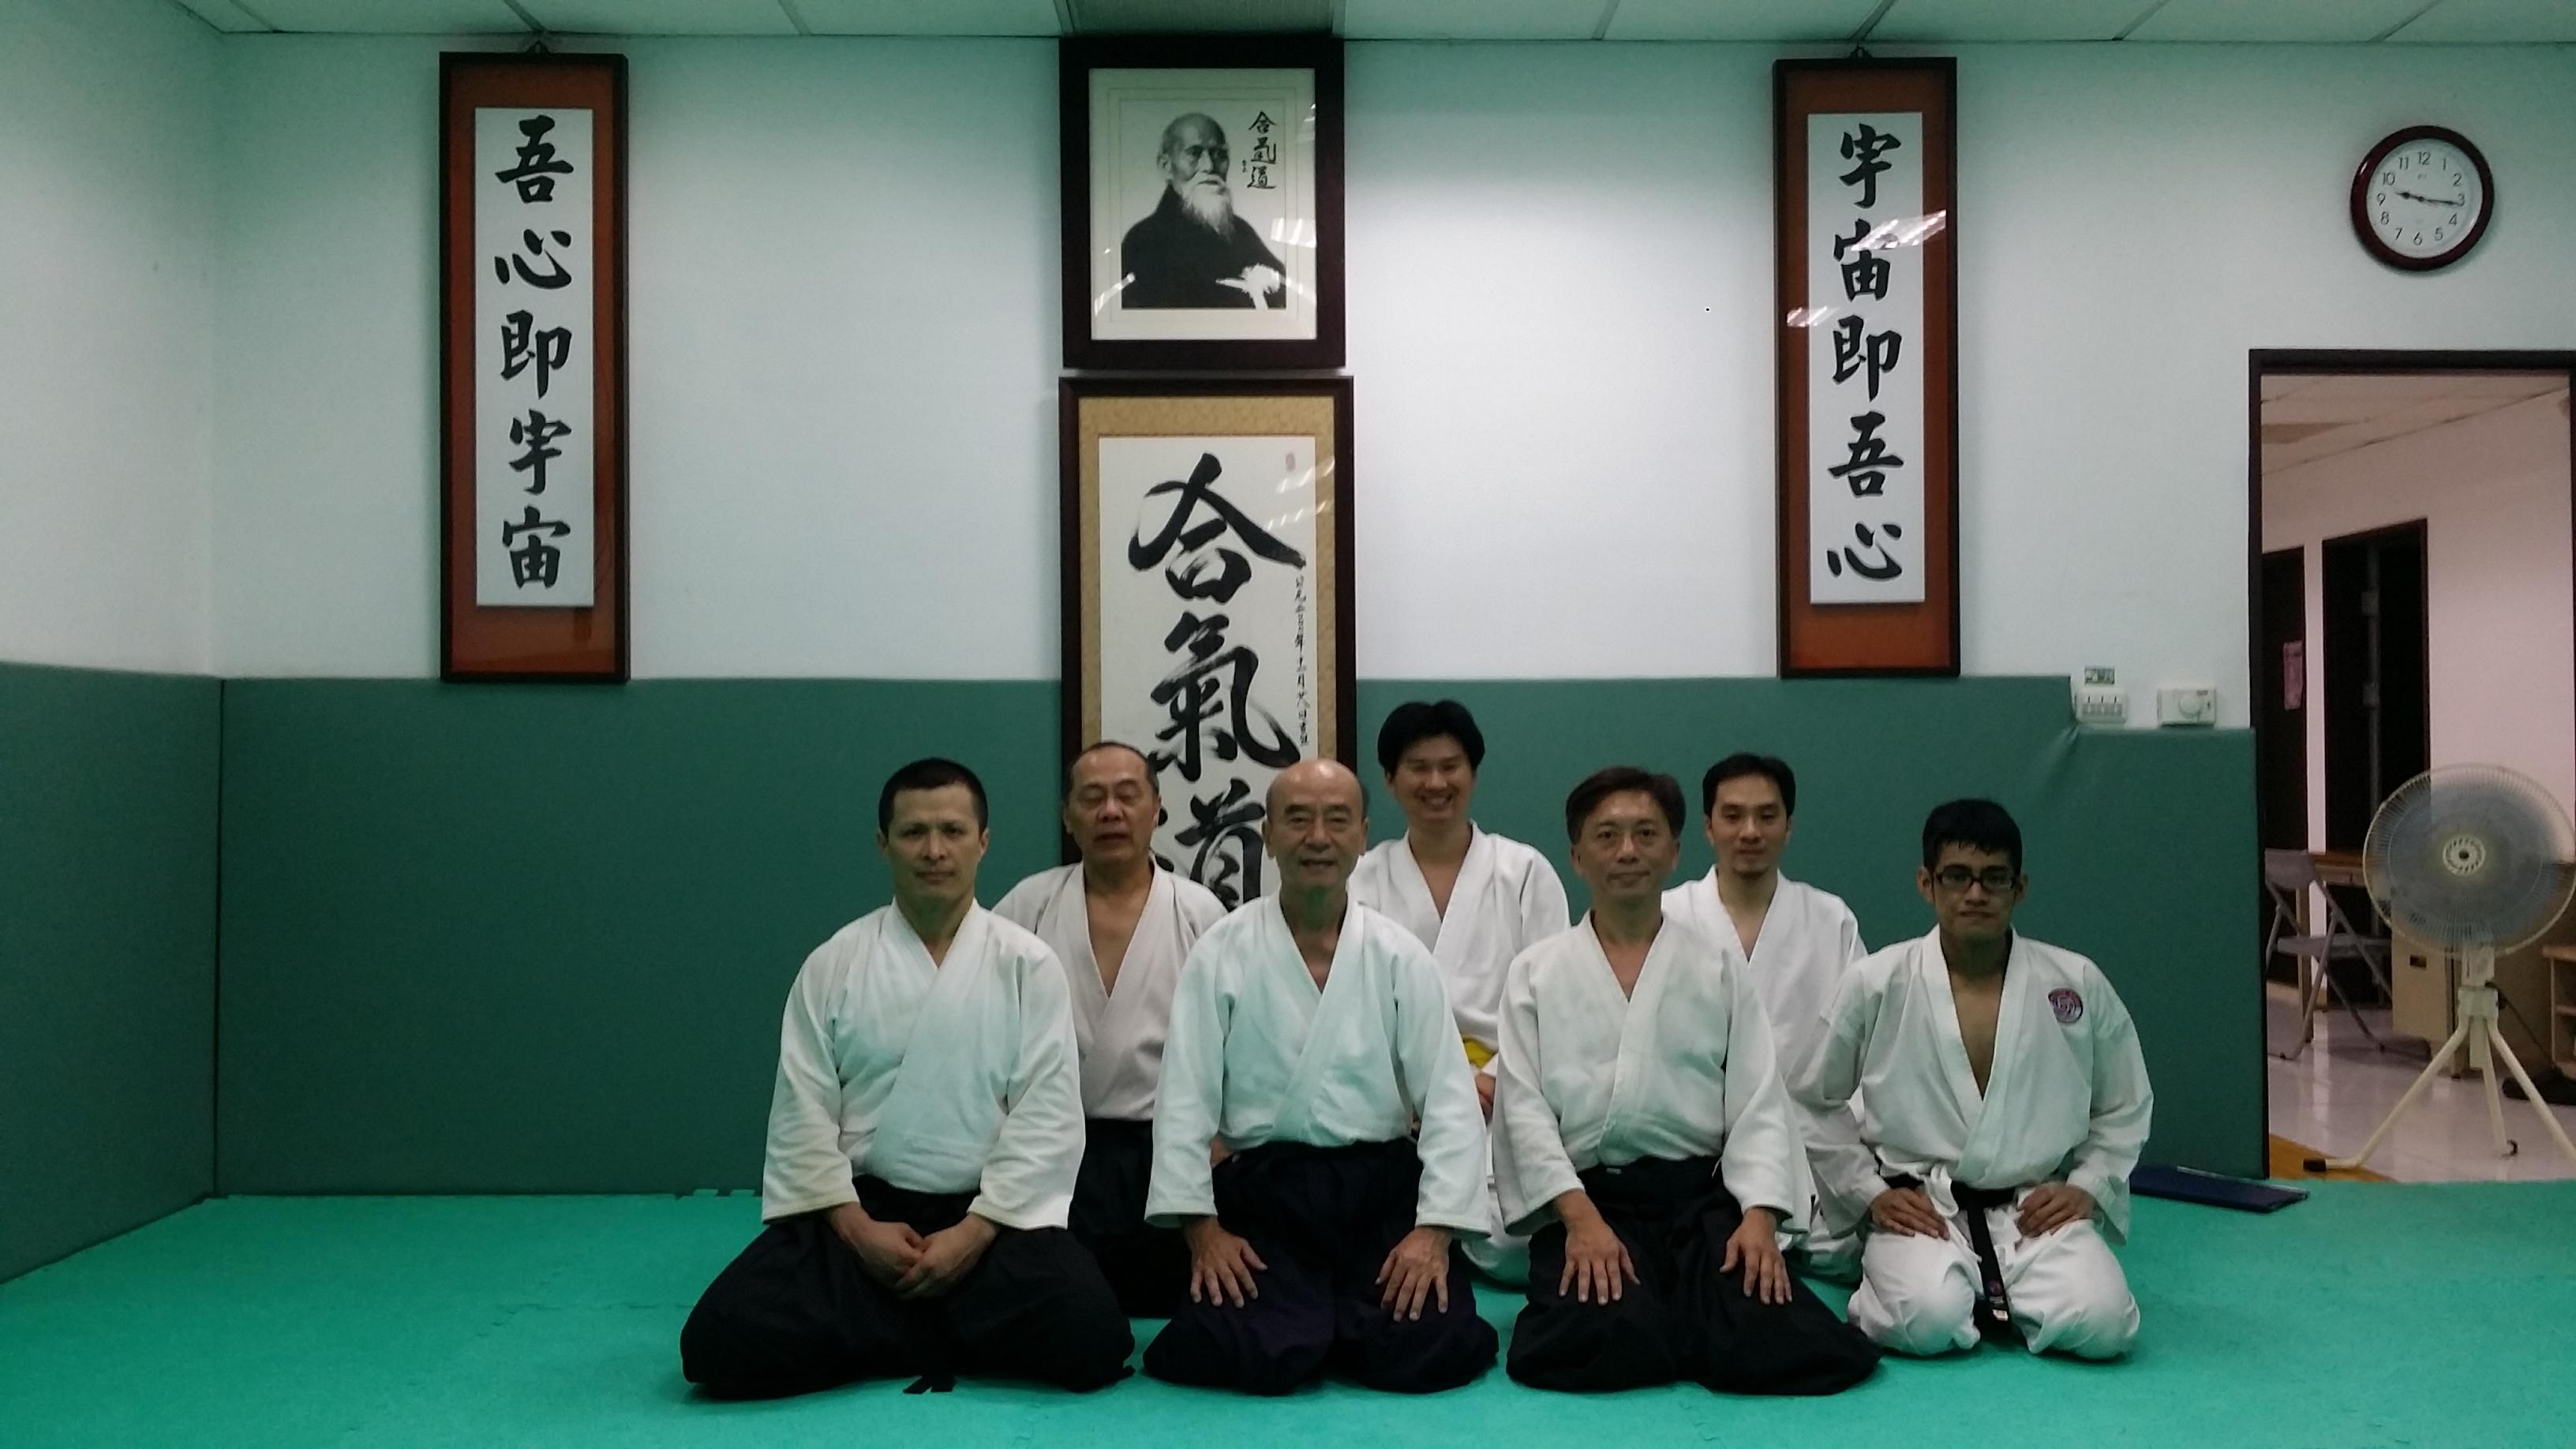 Training at Da-An Aikido in Taipei, Taiwan